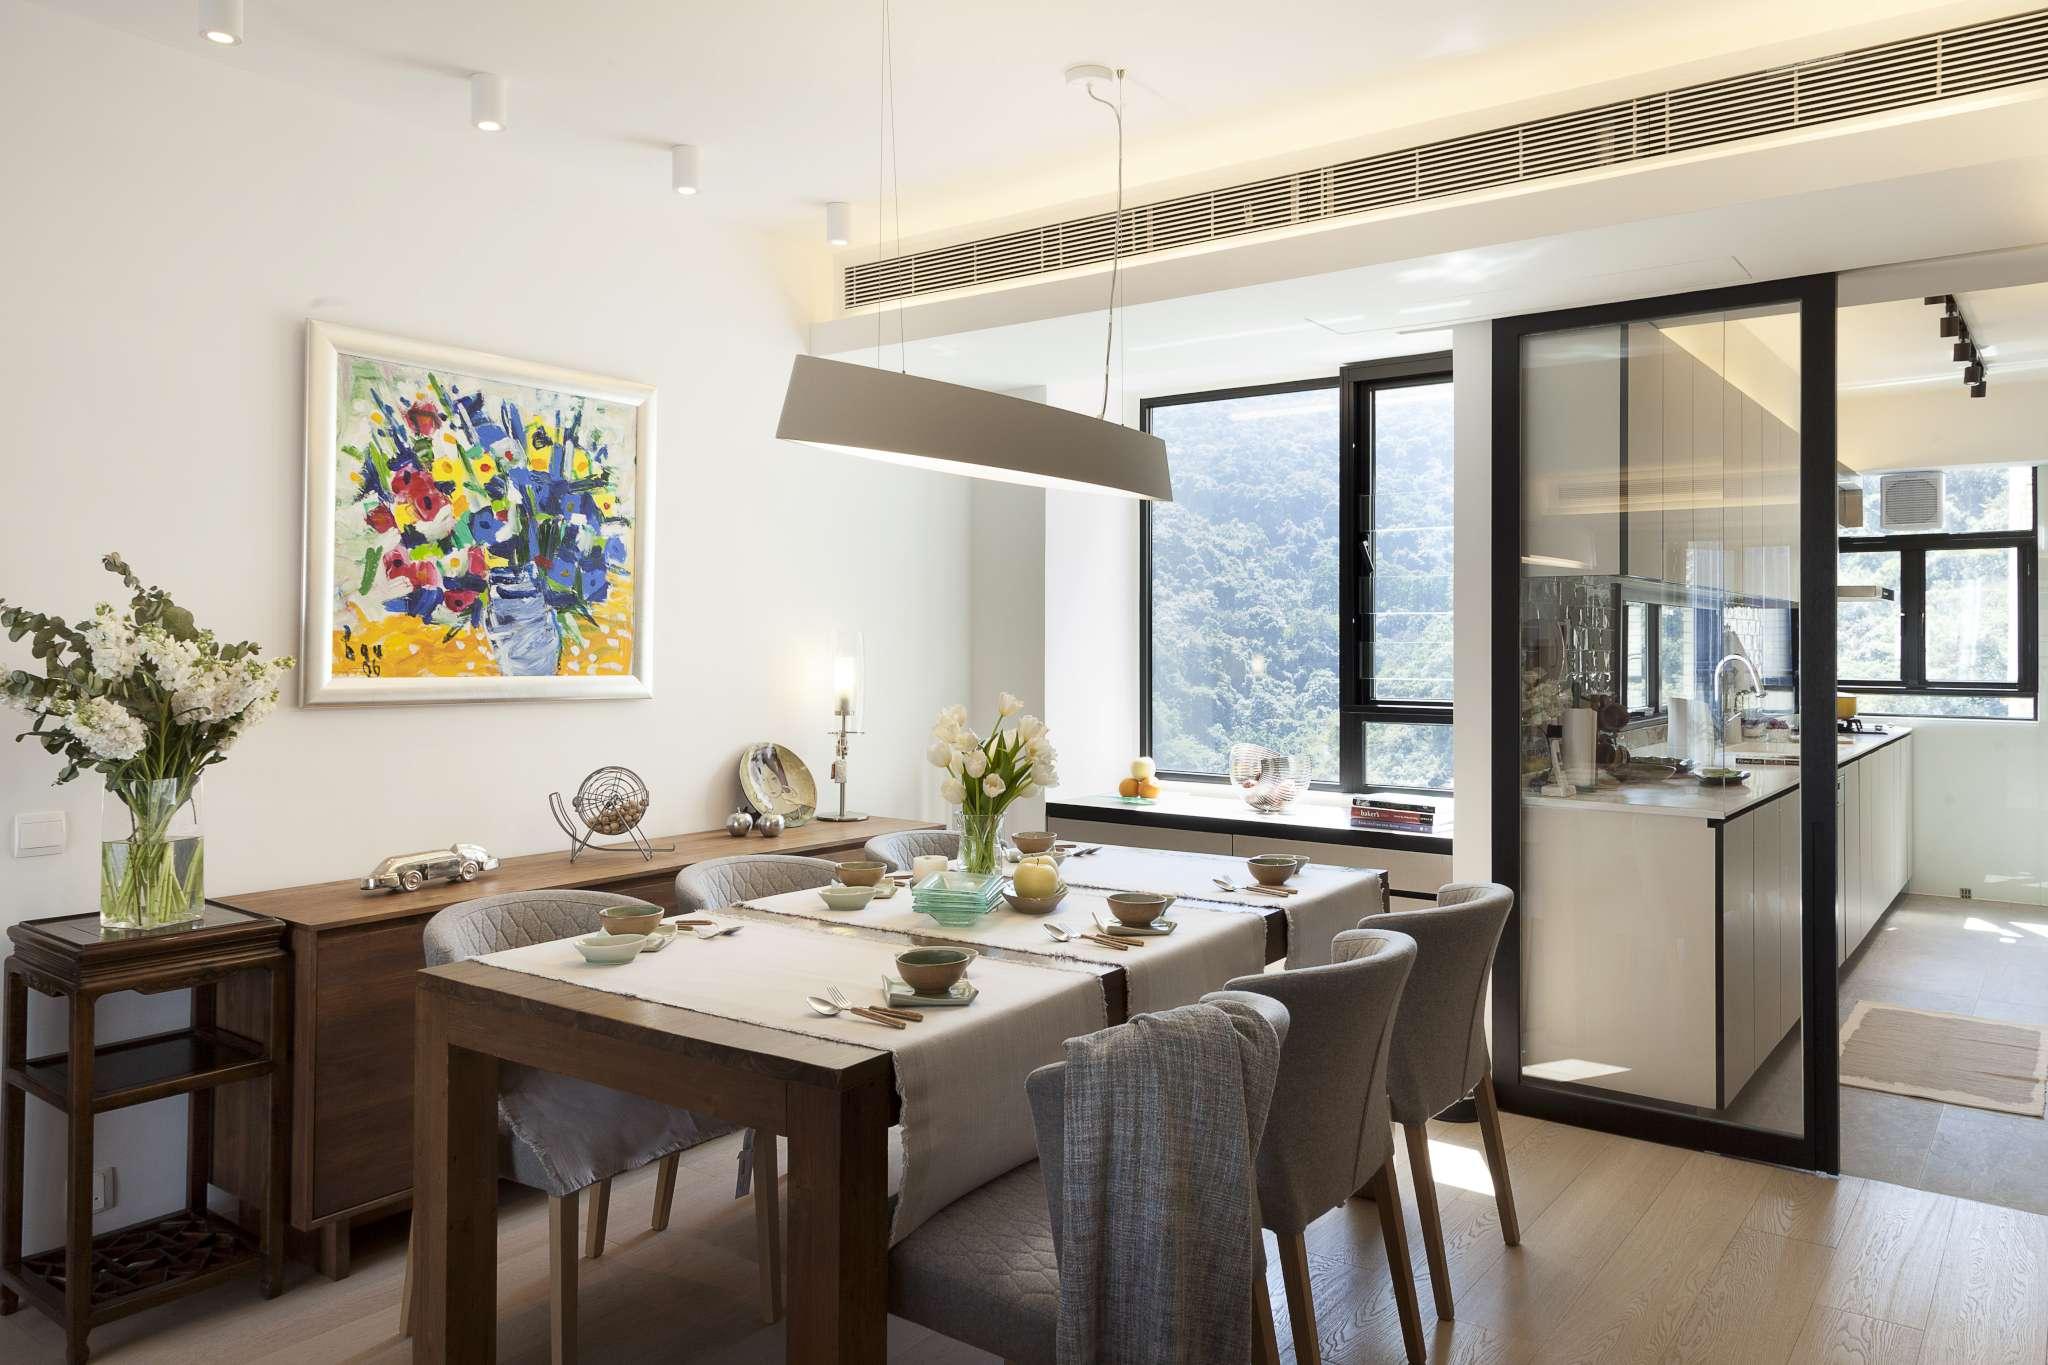 amber garden clifton leung design workshop. Black Bedroom Furniture Sets. Home Design Ideas